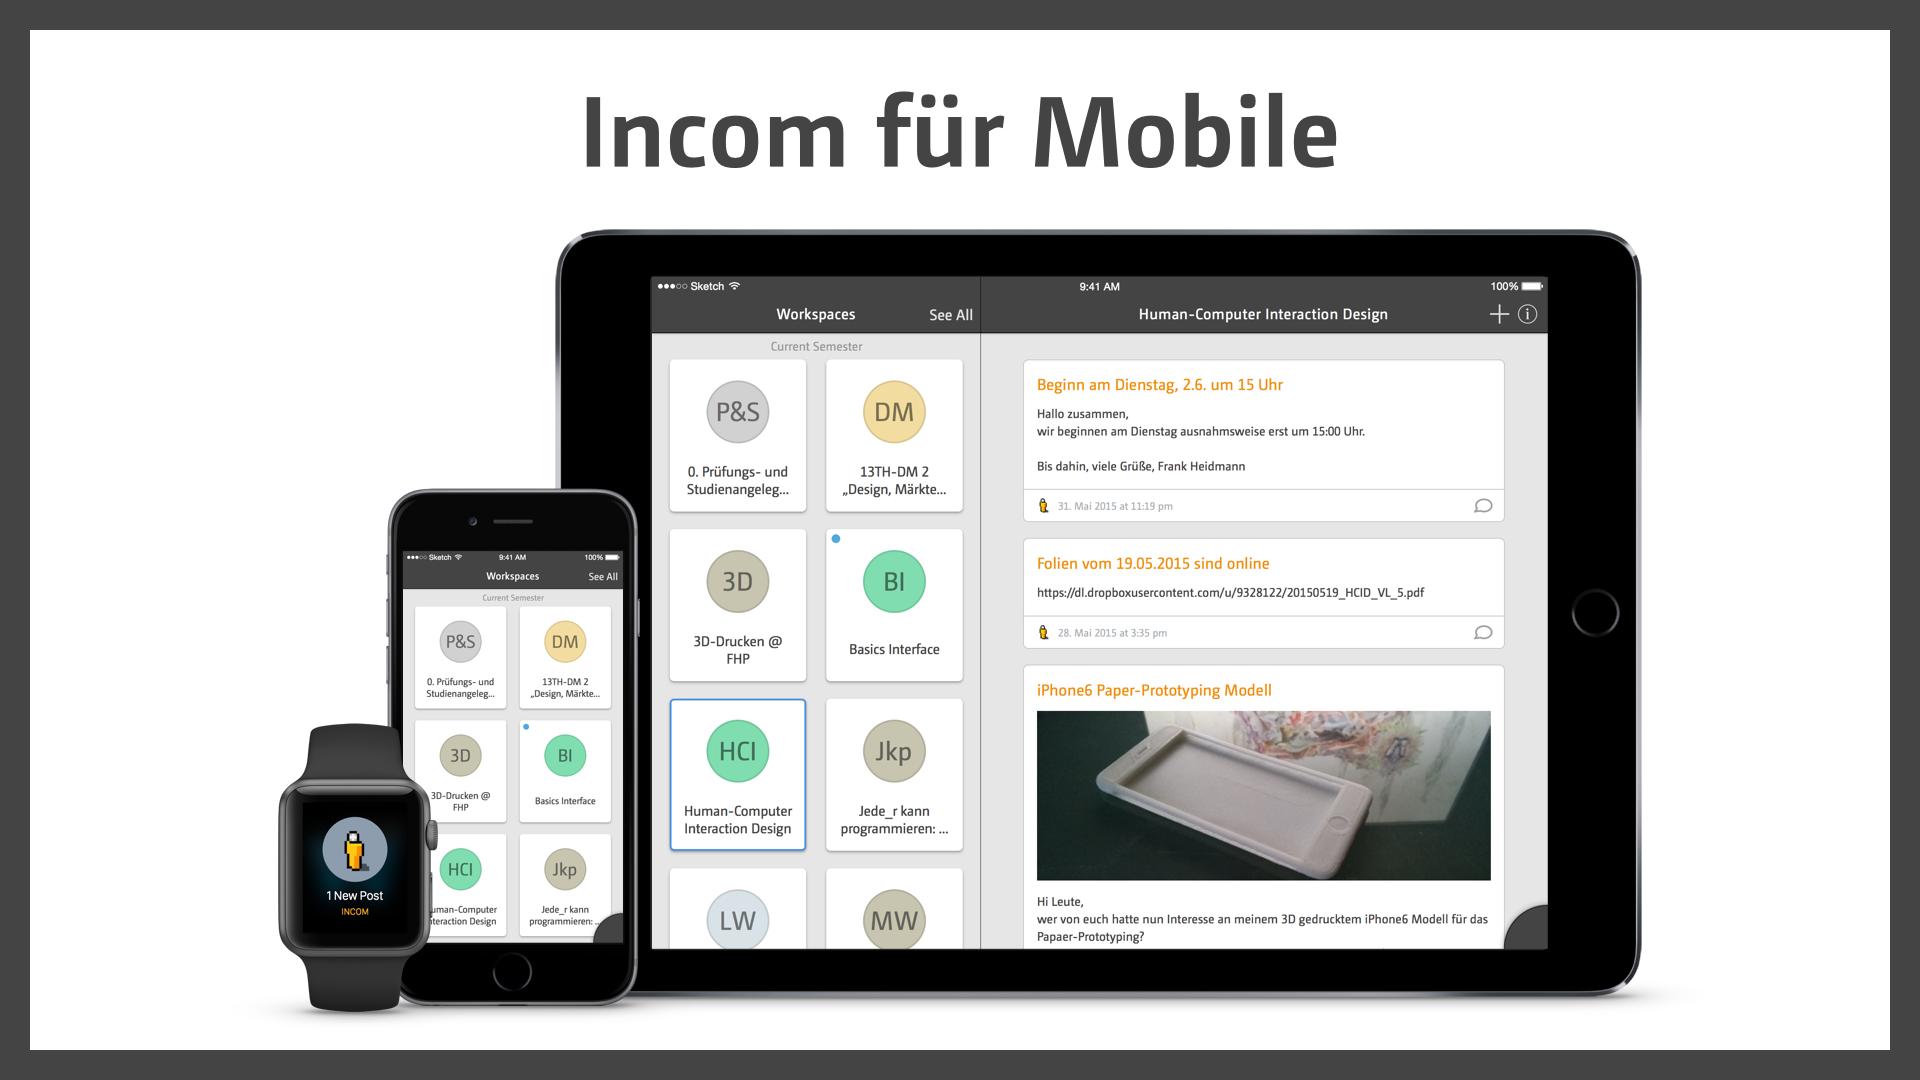 Incom for mobile